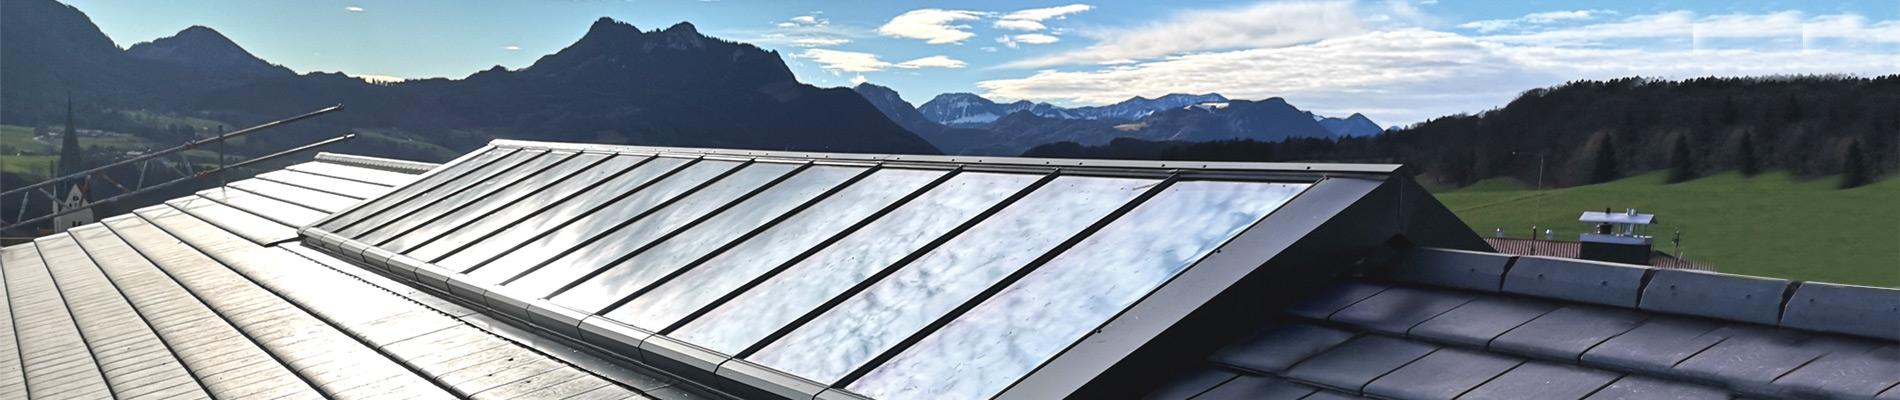 Firstverglasungen für Dachneigungen von 15° bis 60°